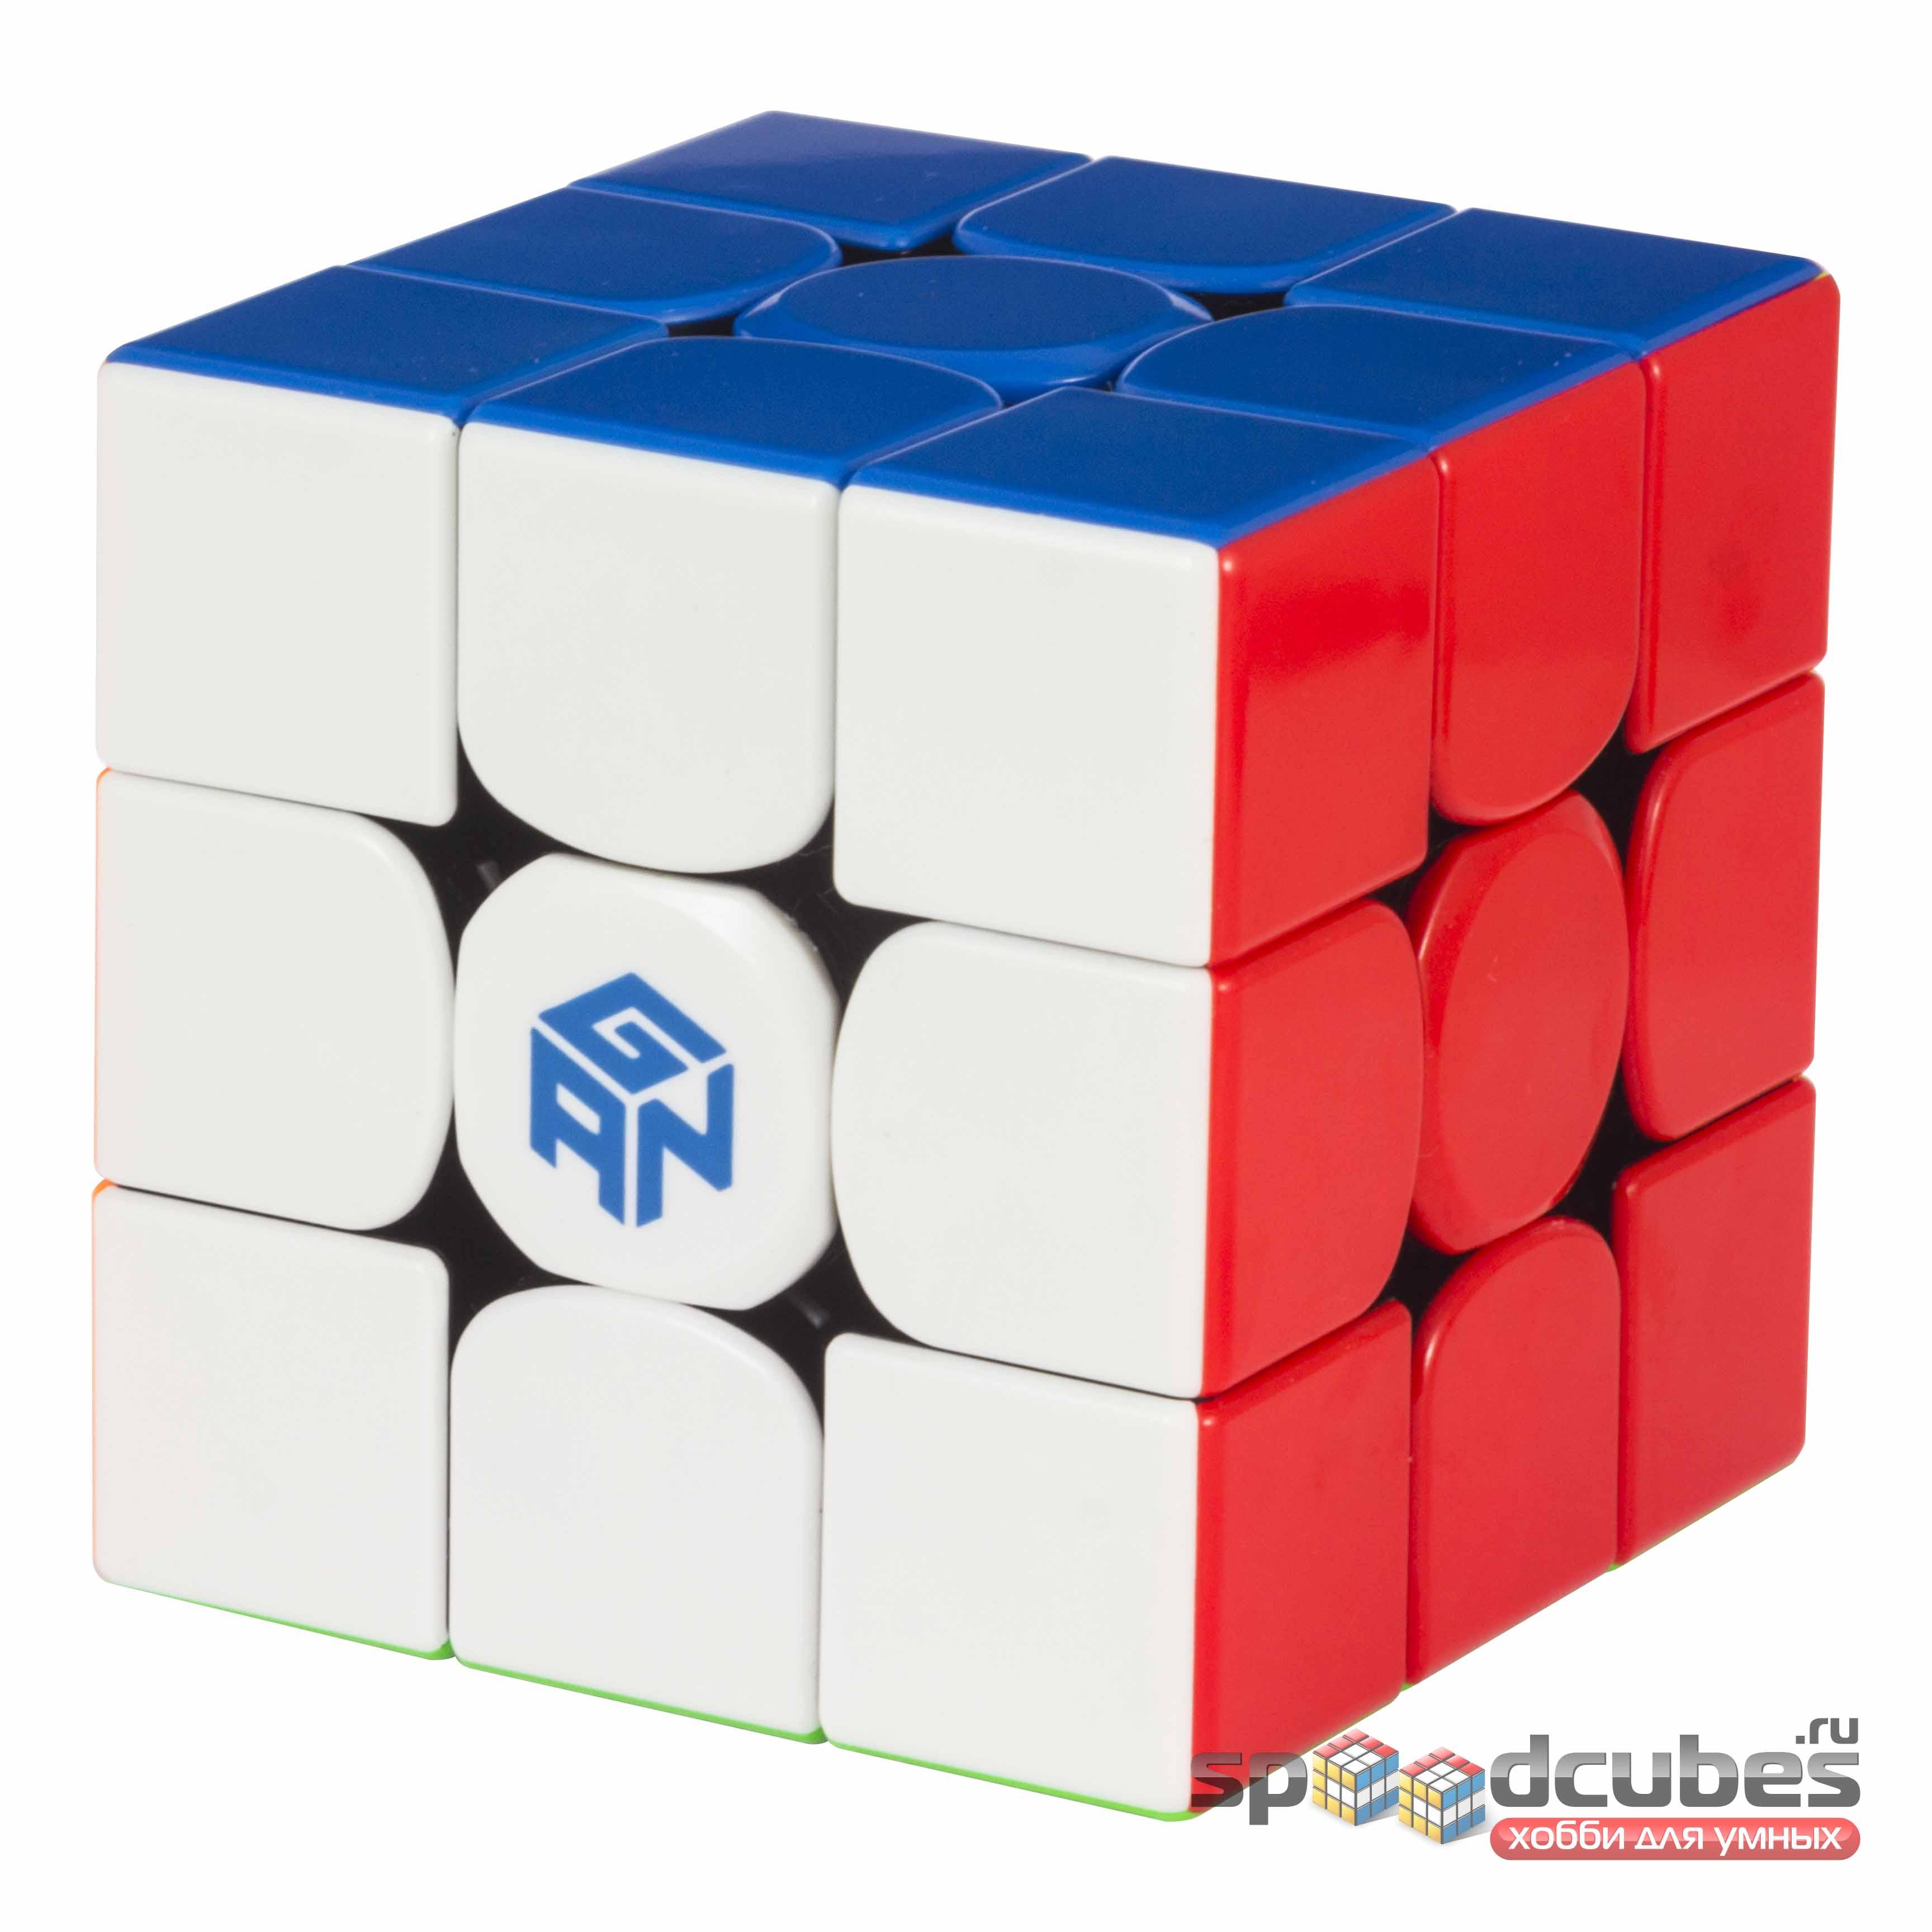 Gan 356 X 3x3x3 IPG V5 Color 2